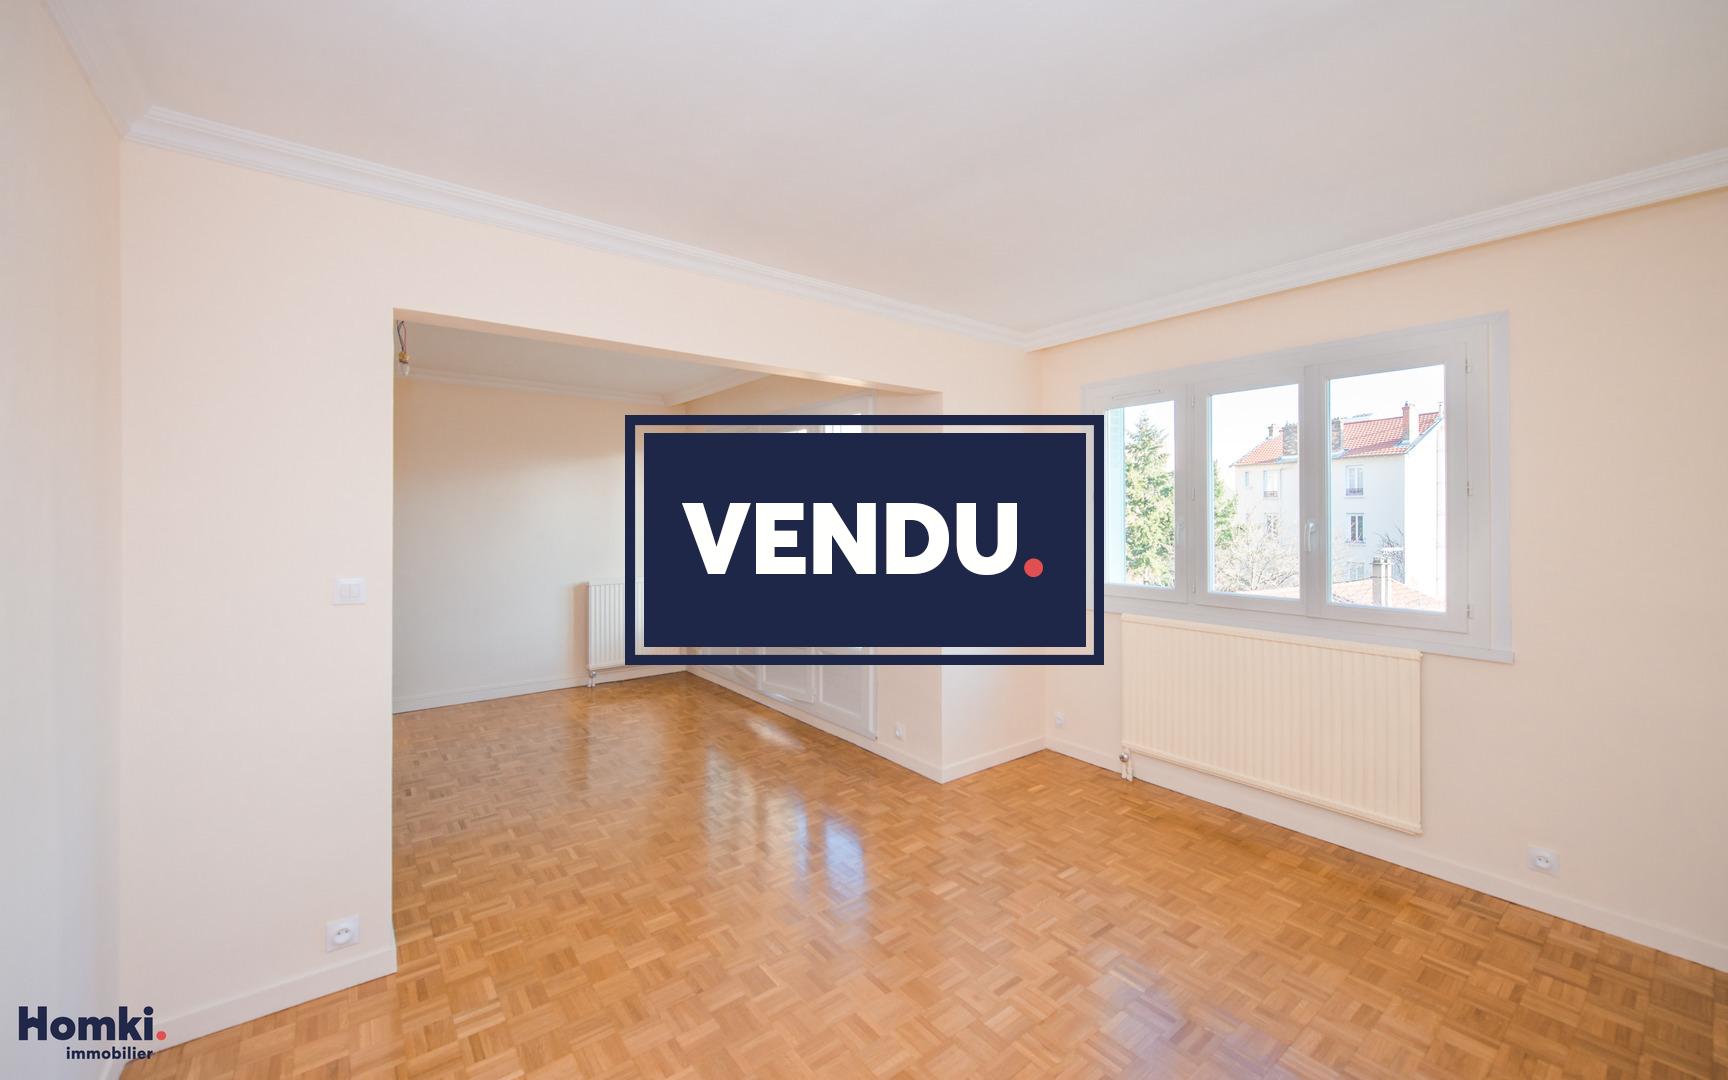 Appartement I 82m² I T3 I 69008 _1